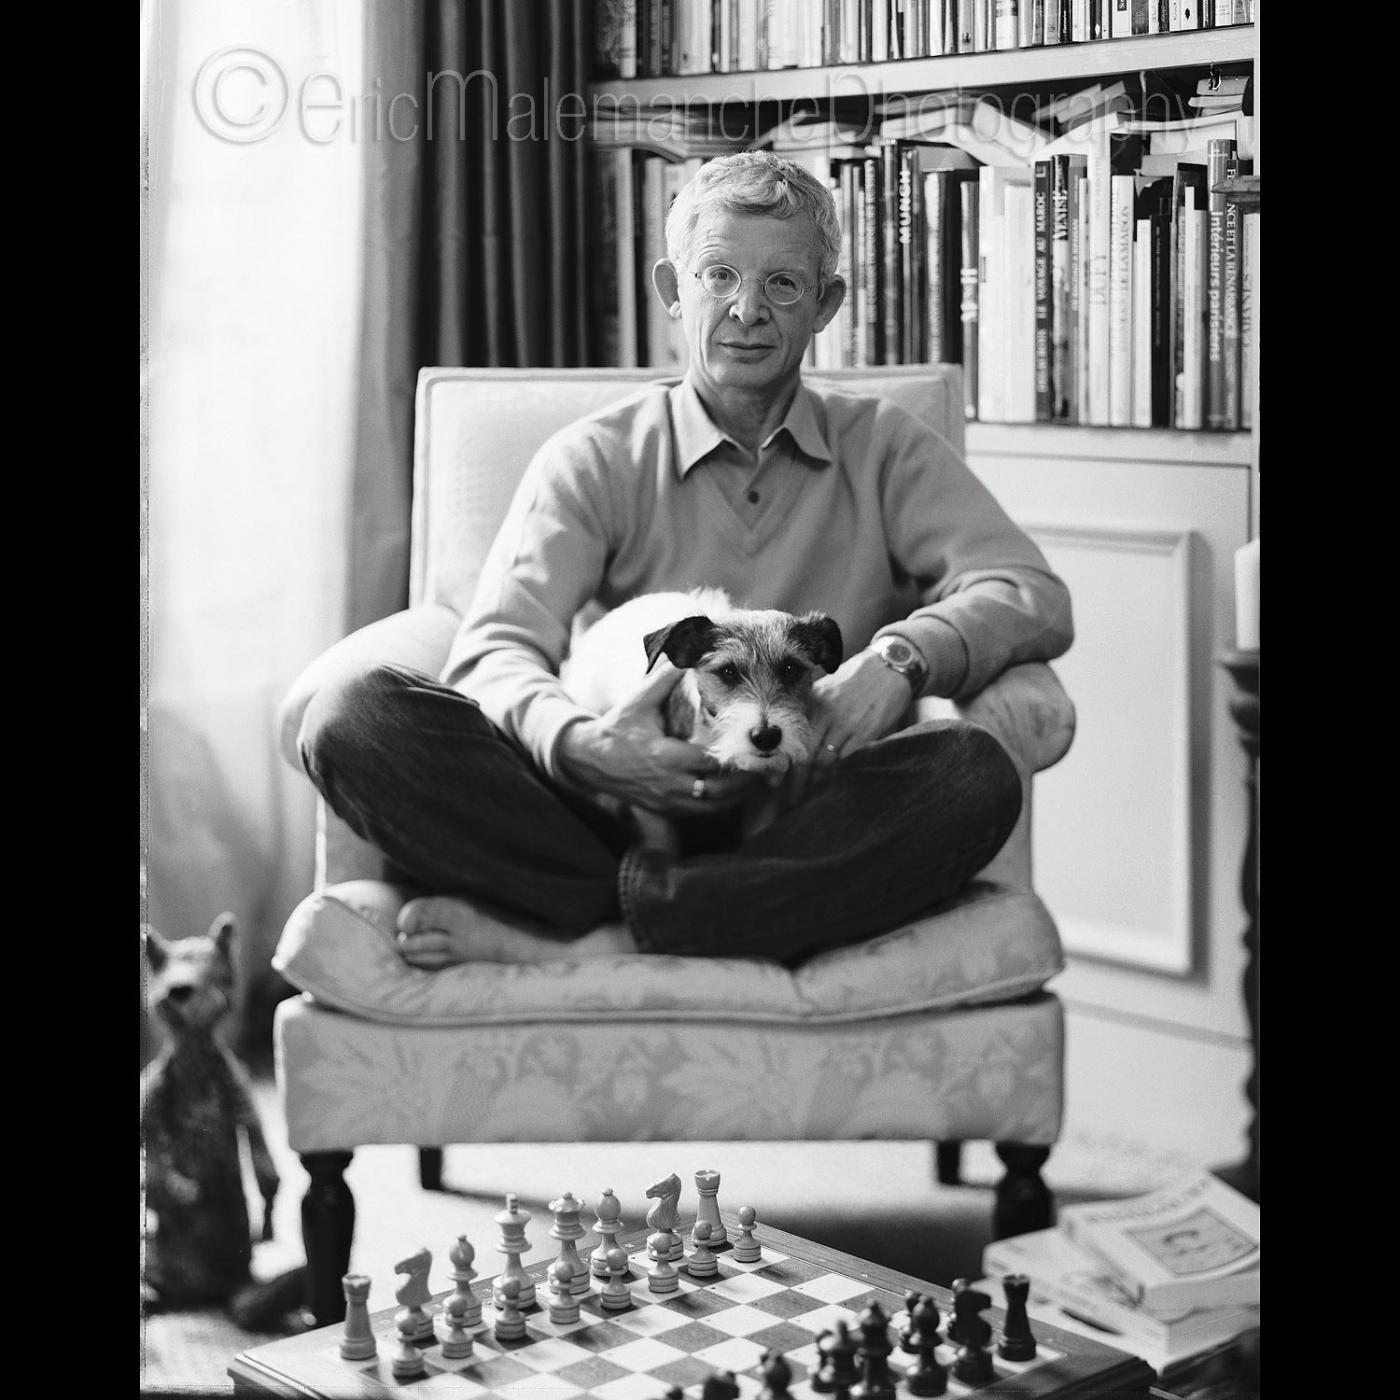 https://www.ericmalemanche.com/imagess/topics/audemars-piguet-30-ans-de-la-royal-oak/liste/Olivier-Bensimon.jpg